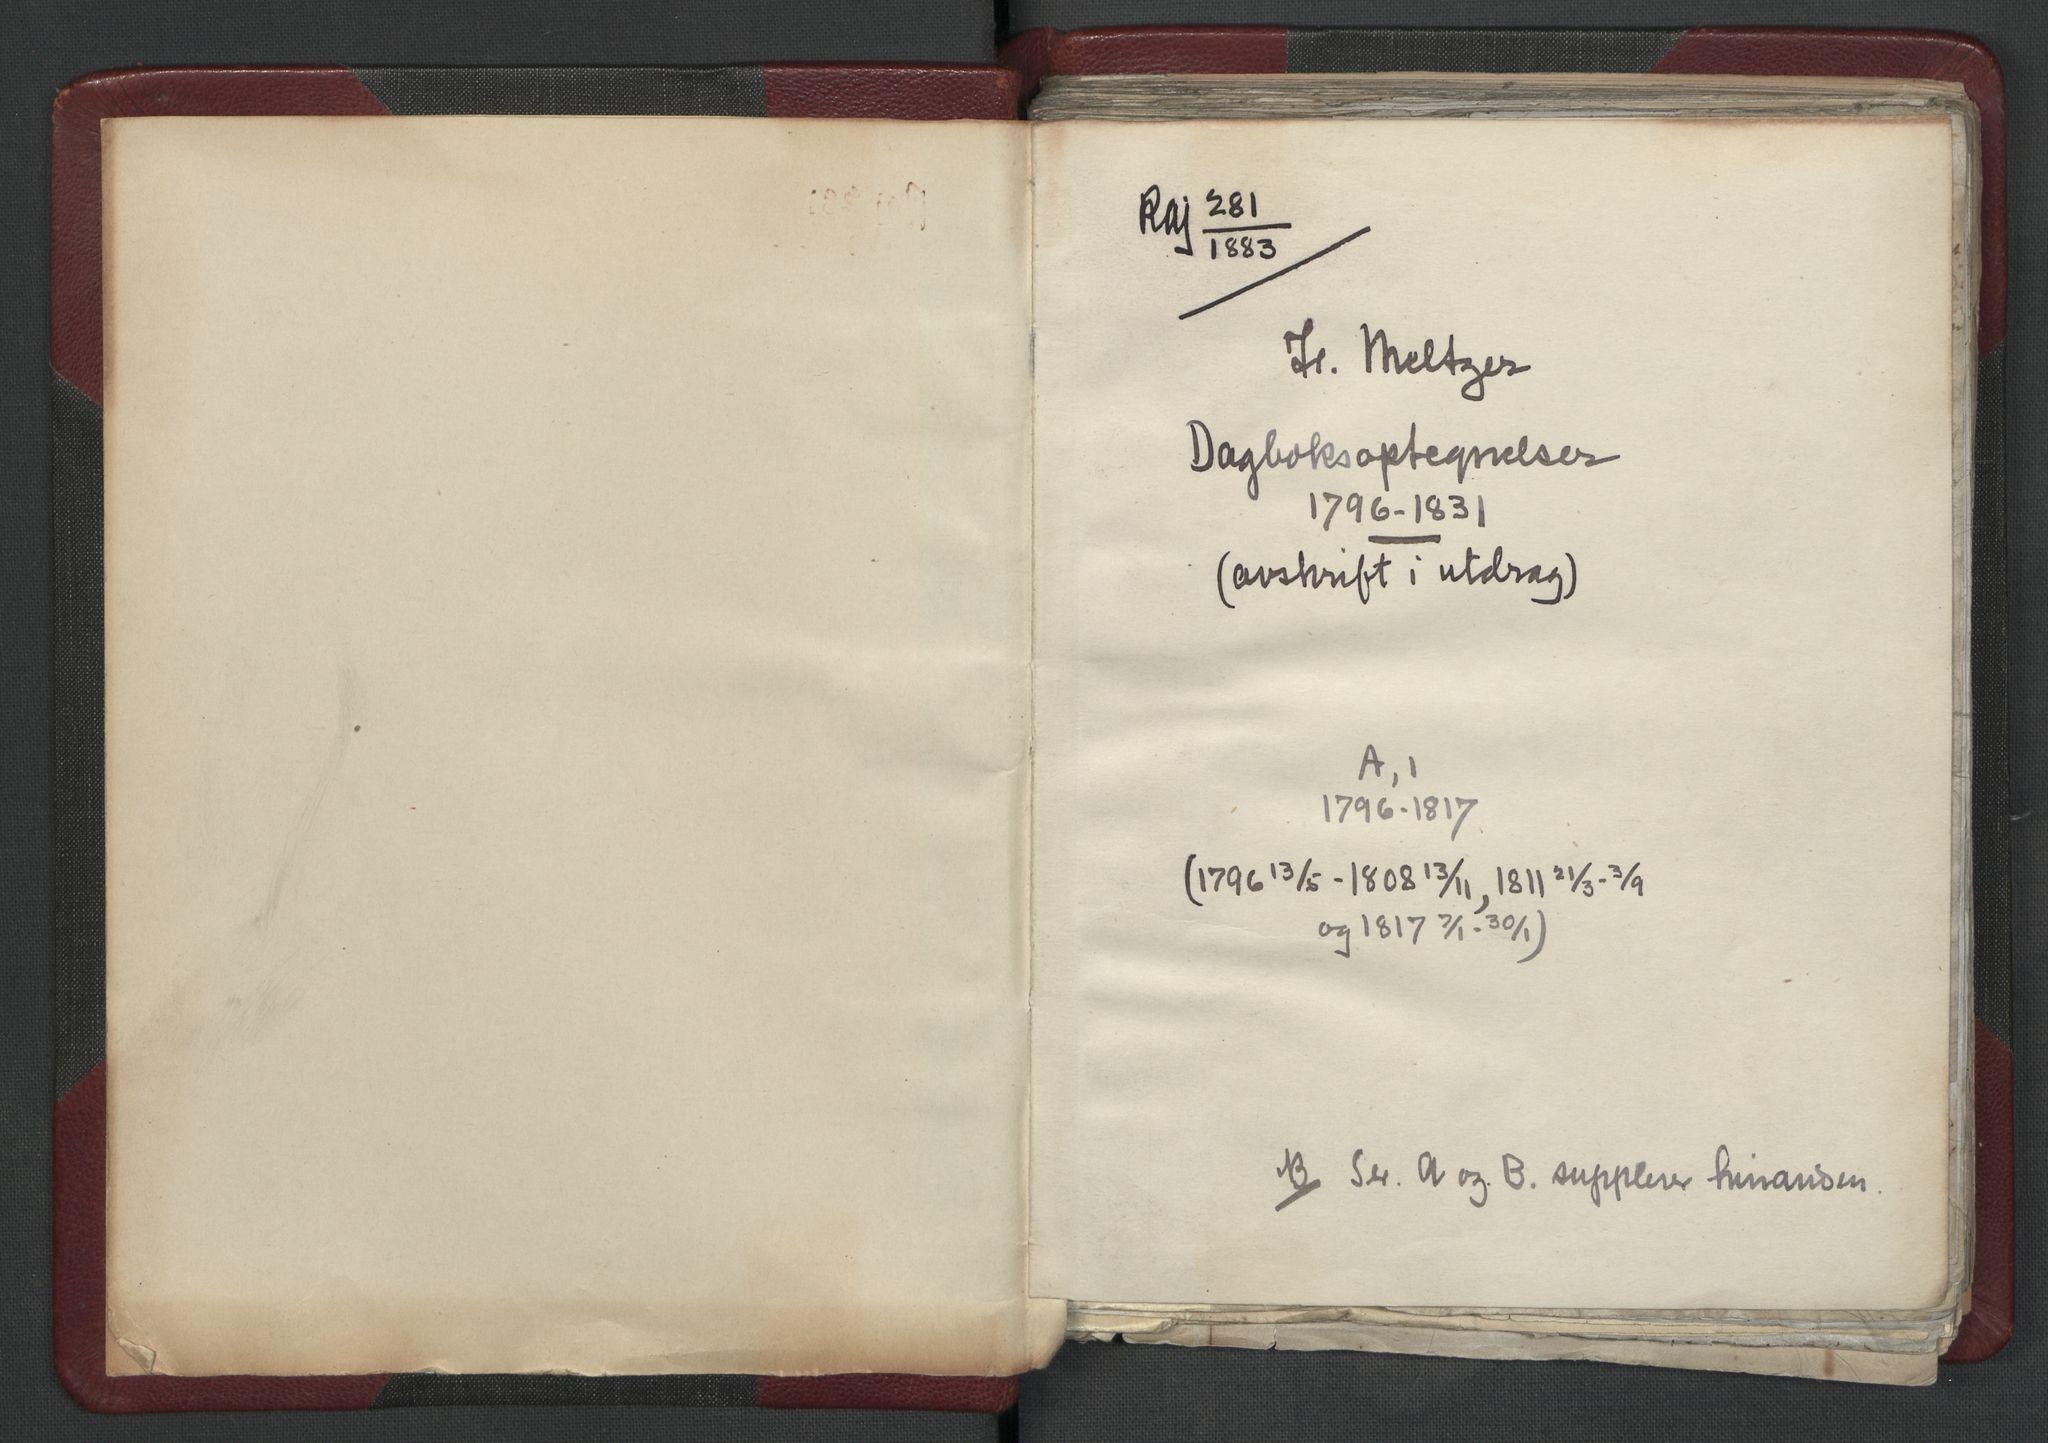 RA, Meltzer, Fredrik, F/L0001: Dagbok for årene 1796-1808, 1811, 1817, 1796-1817, s. upaginert